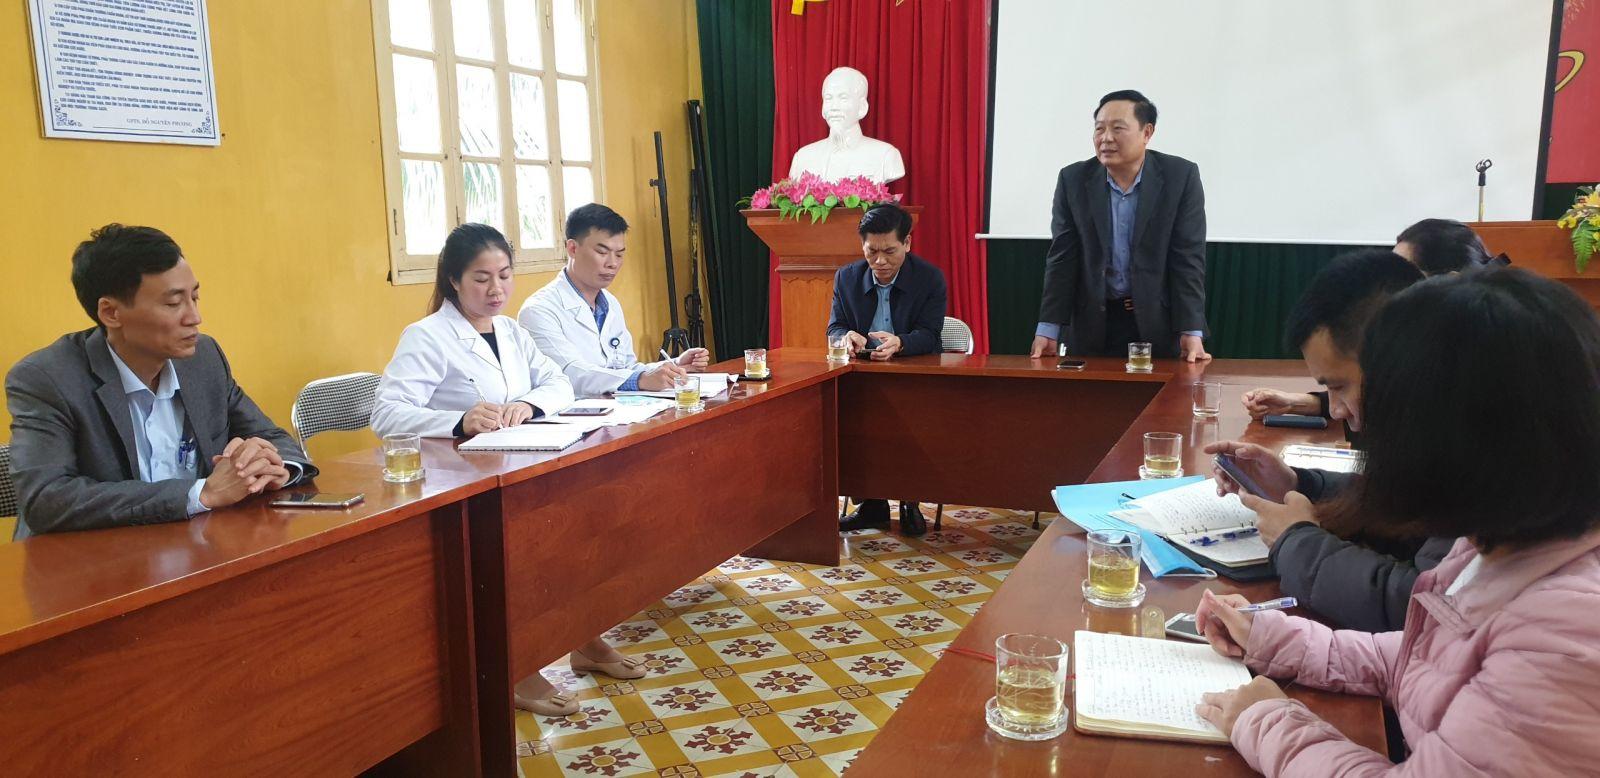 Đoàn kiểm tra Sở Y tế Hải Phòng về kiểm tra công tác triển khai tiêm vắc xin Covid - 19 cho những đối tượng ưu tiên tại TTYT quận Đồ Sơn